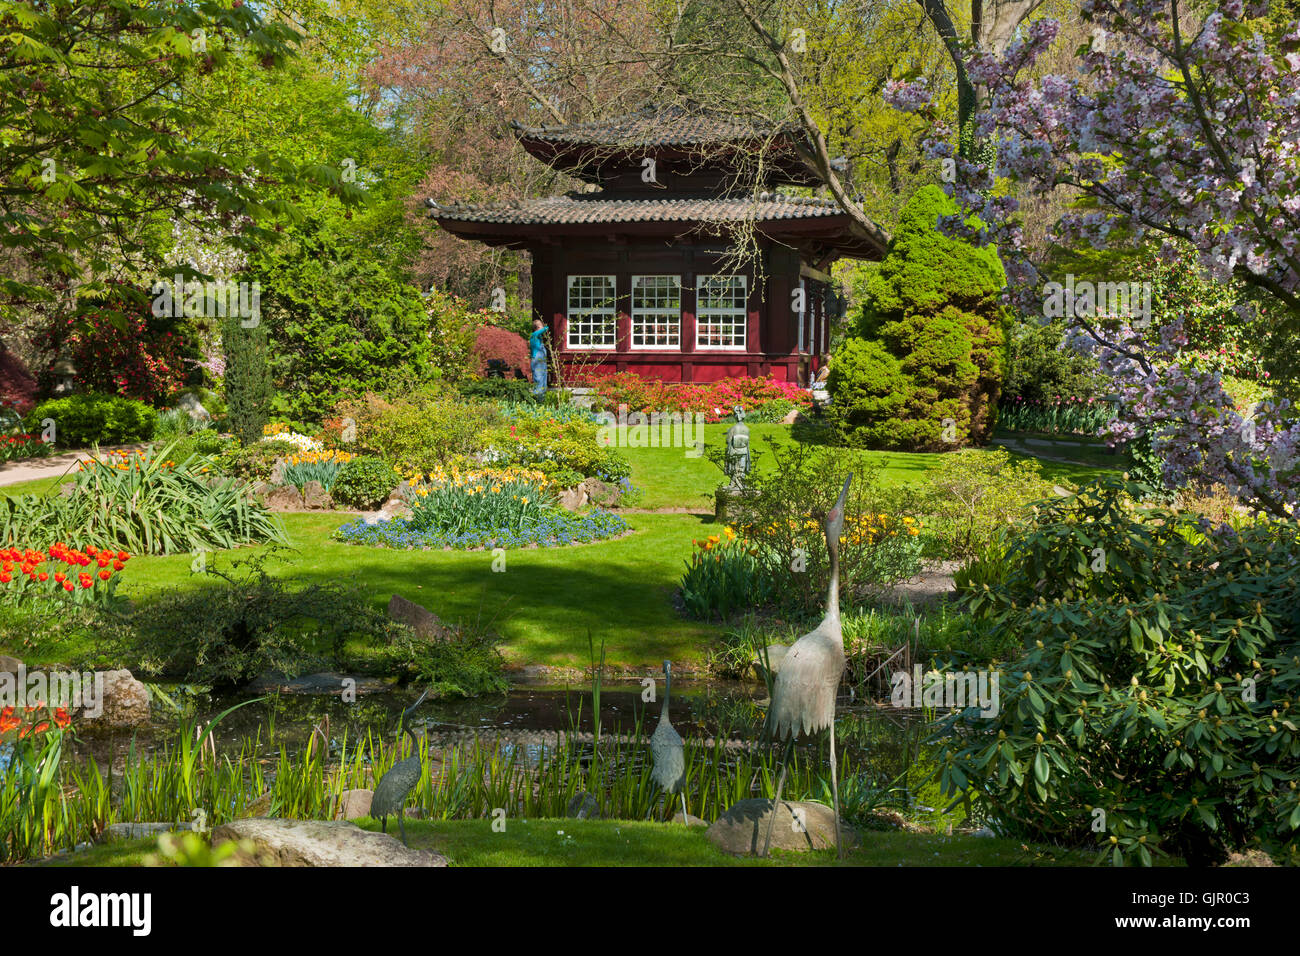 BRD, Deutschland, NRW, Leverkusen, Japanischer Garten in der Carl-Duisberg-Parkanlage - Stock Image